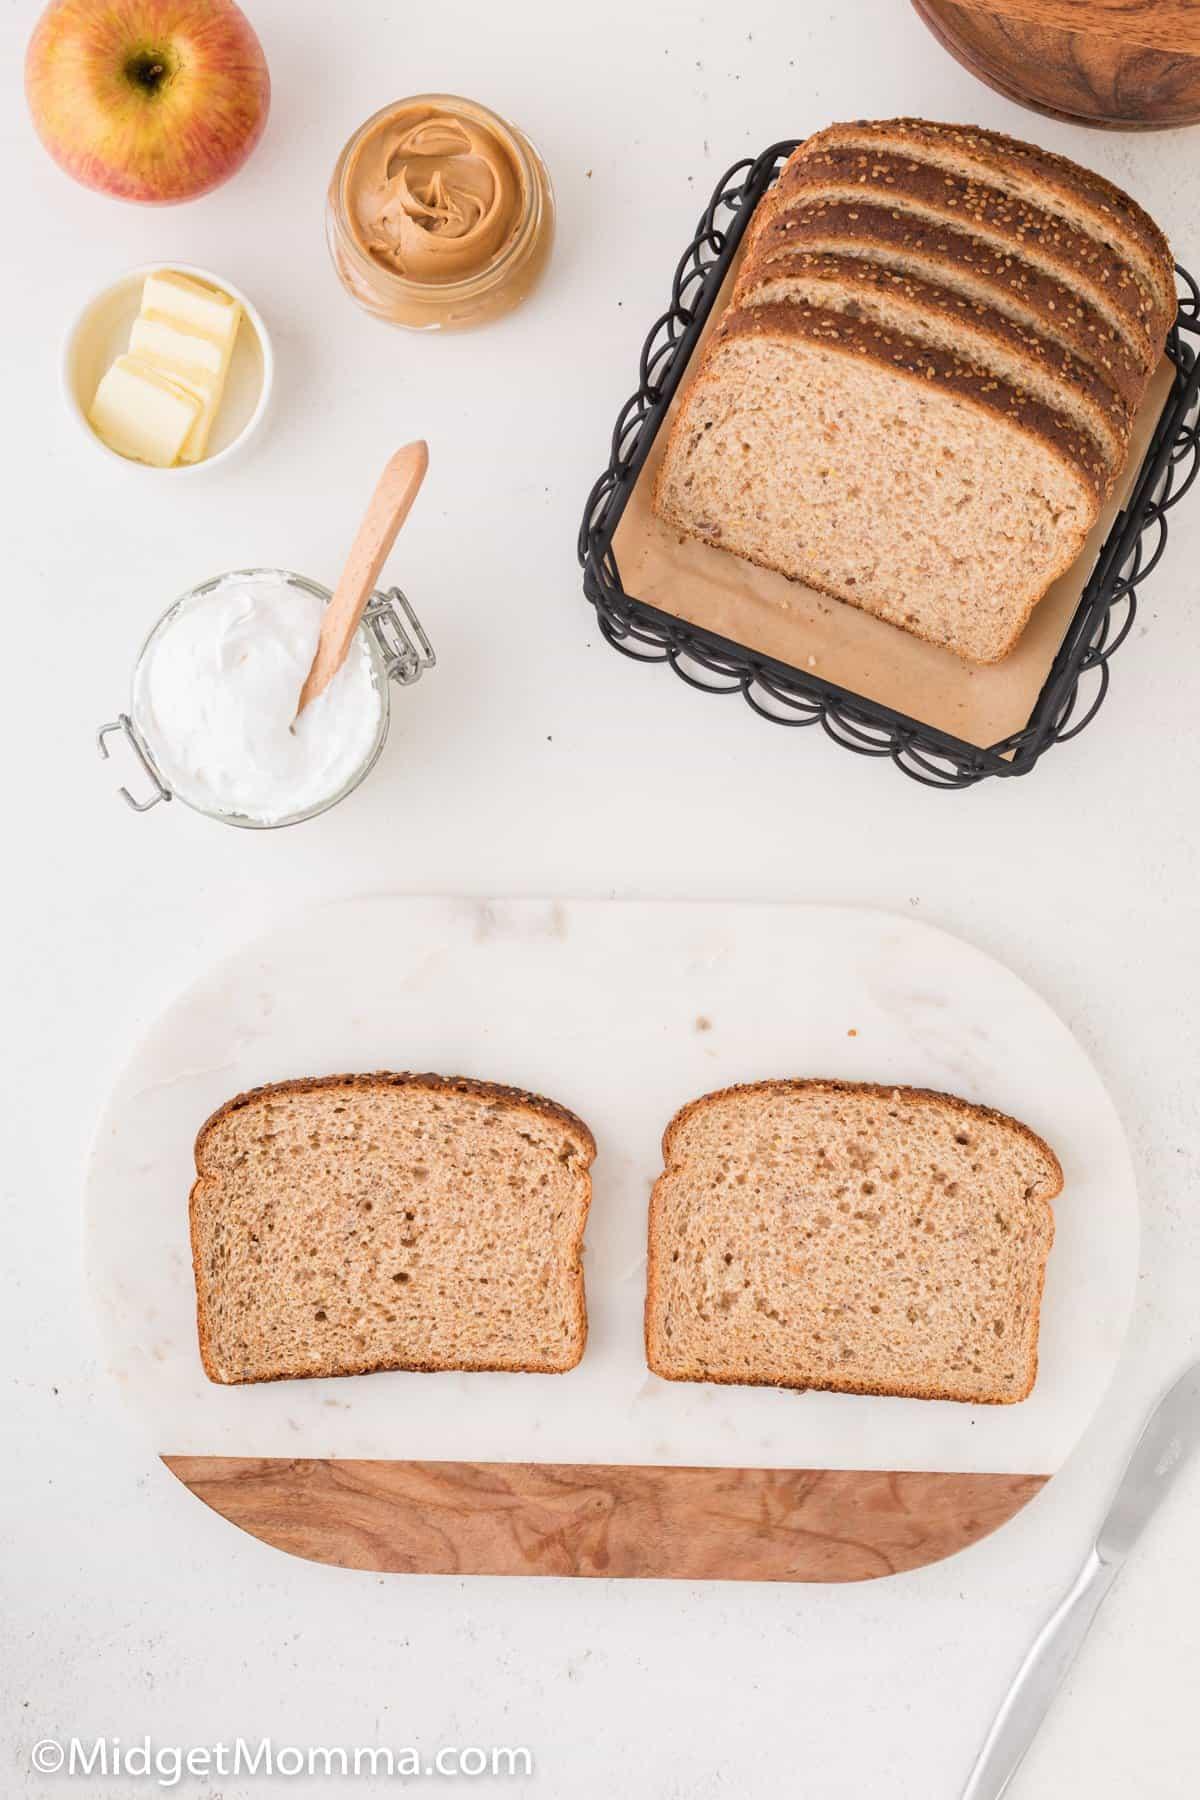 Grilled fluff sandwich ingredients